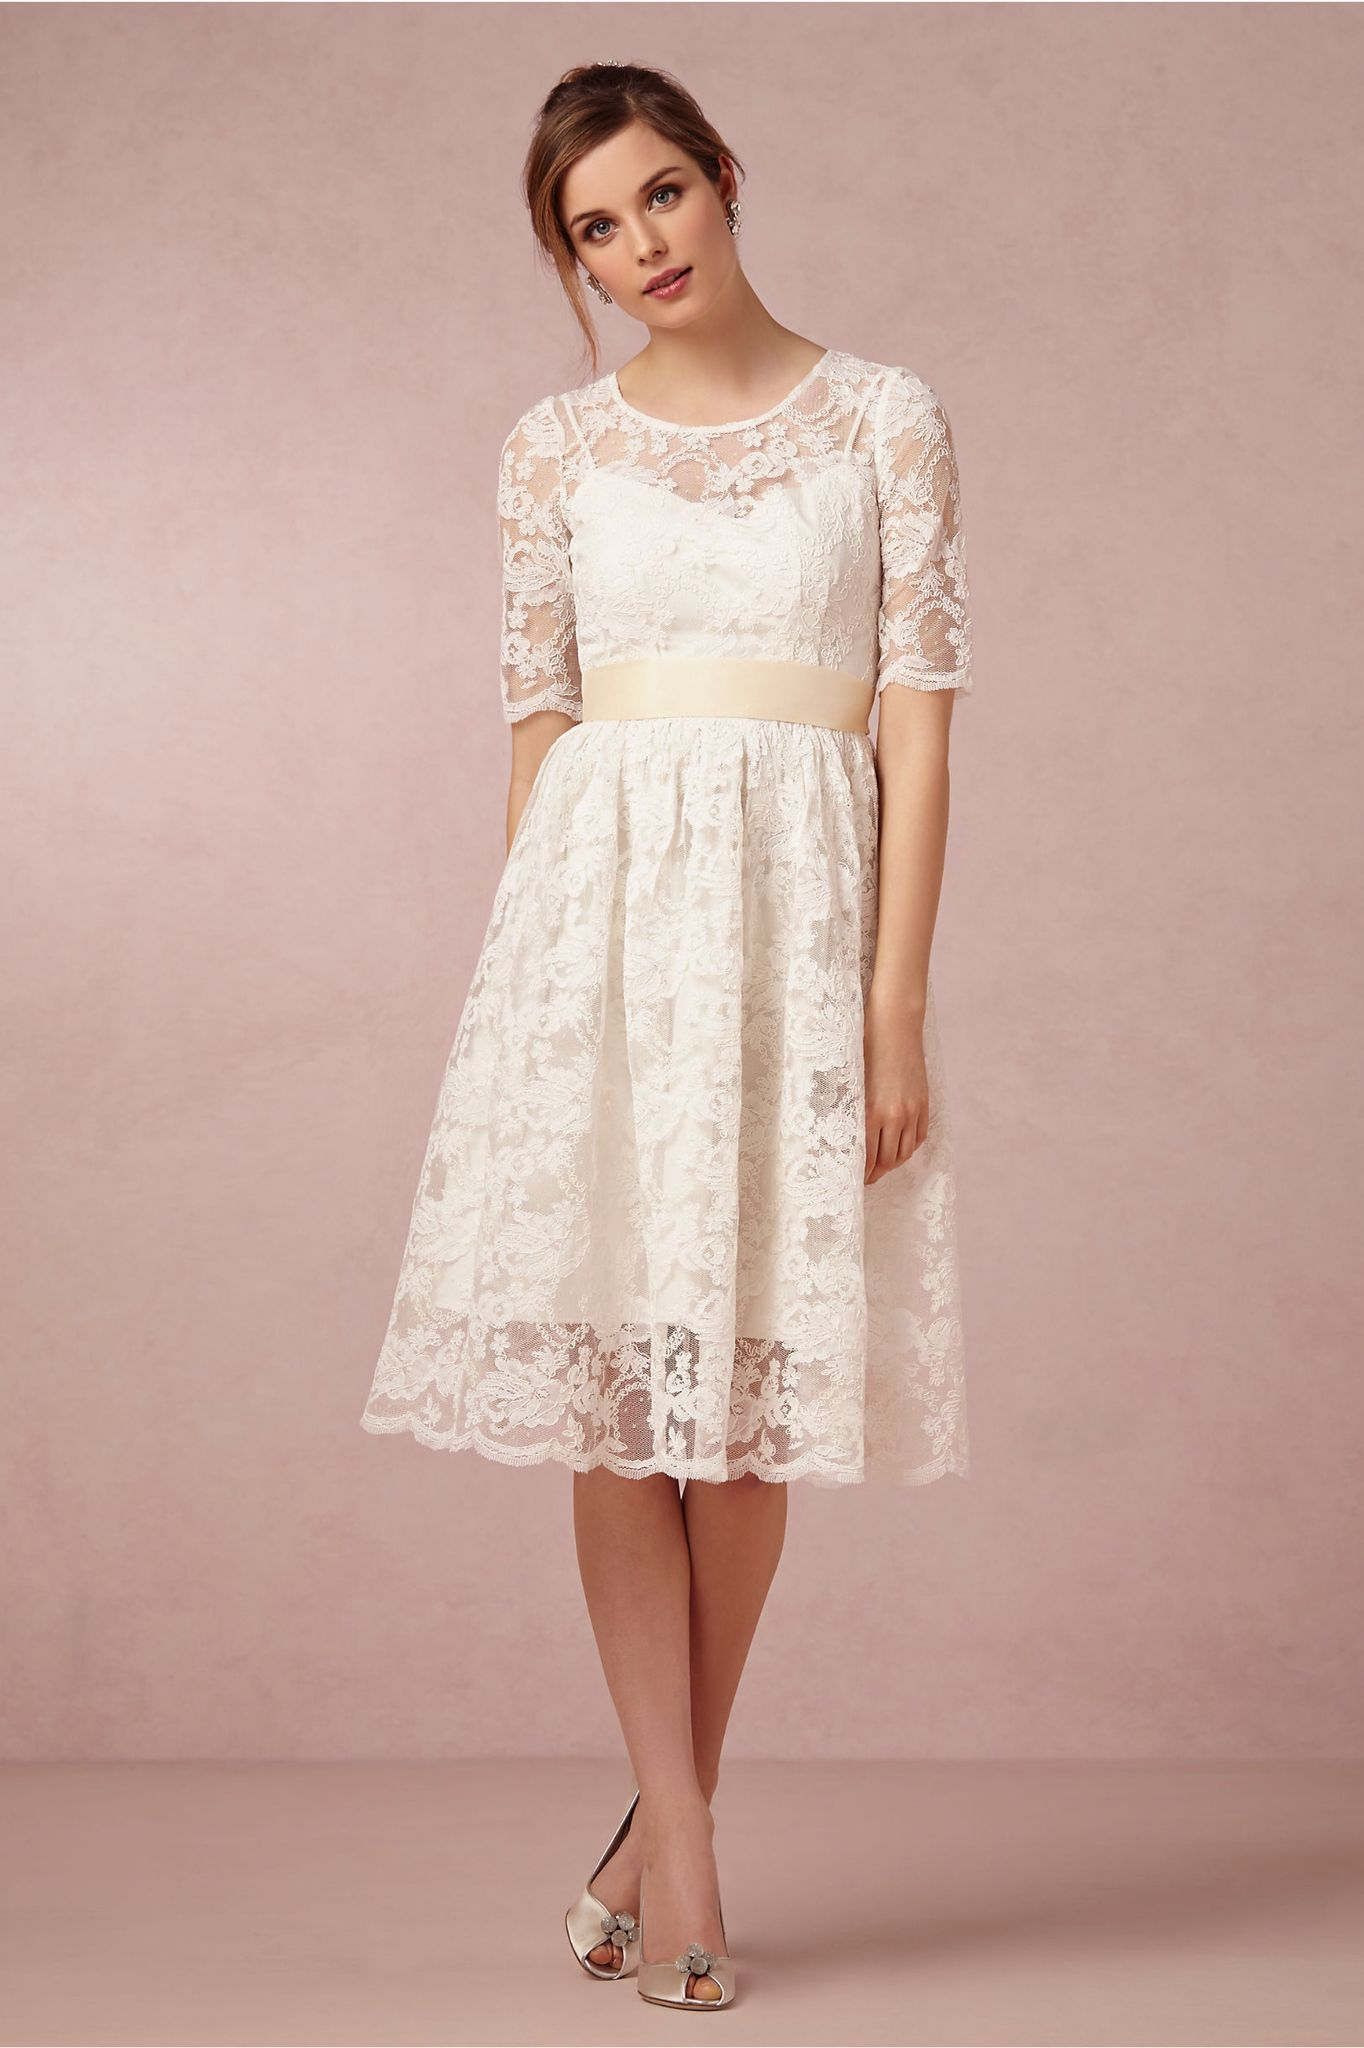 Wedding reception dresses for bride  Vestido corto  Vestidos ideas boda decoración  Pinterest